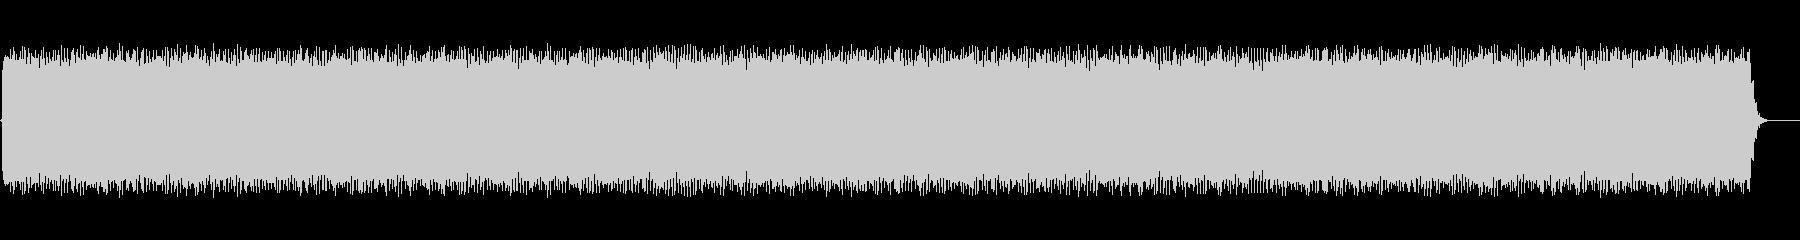 [電気] ビリビリ感電 pat_B 中の未再生の波形